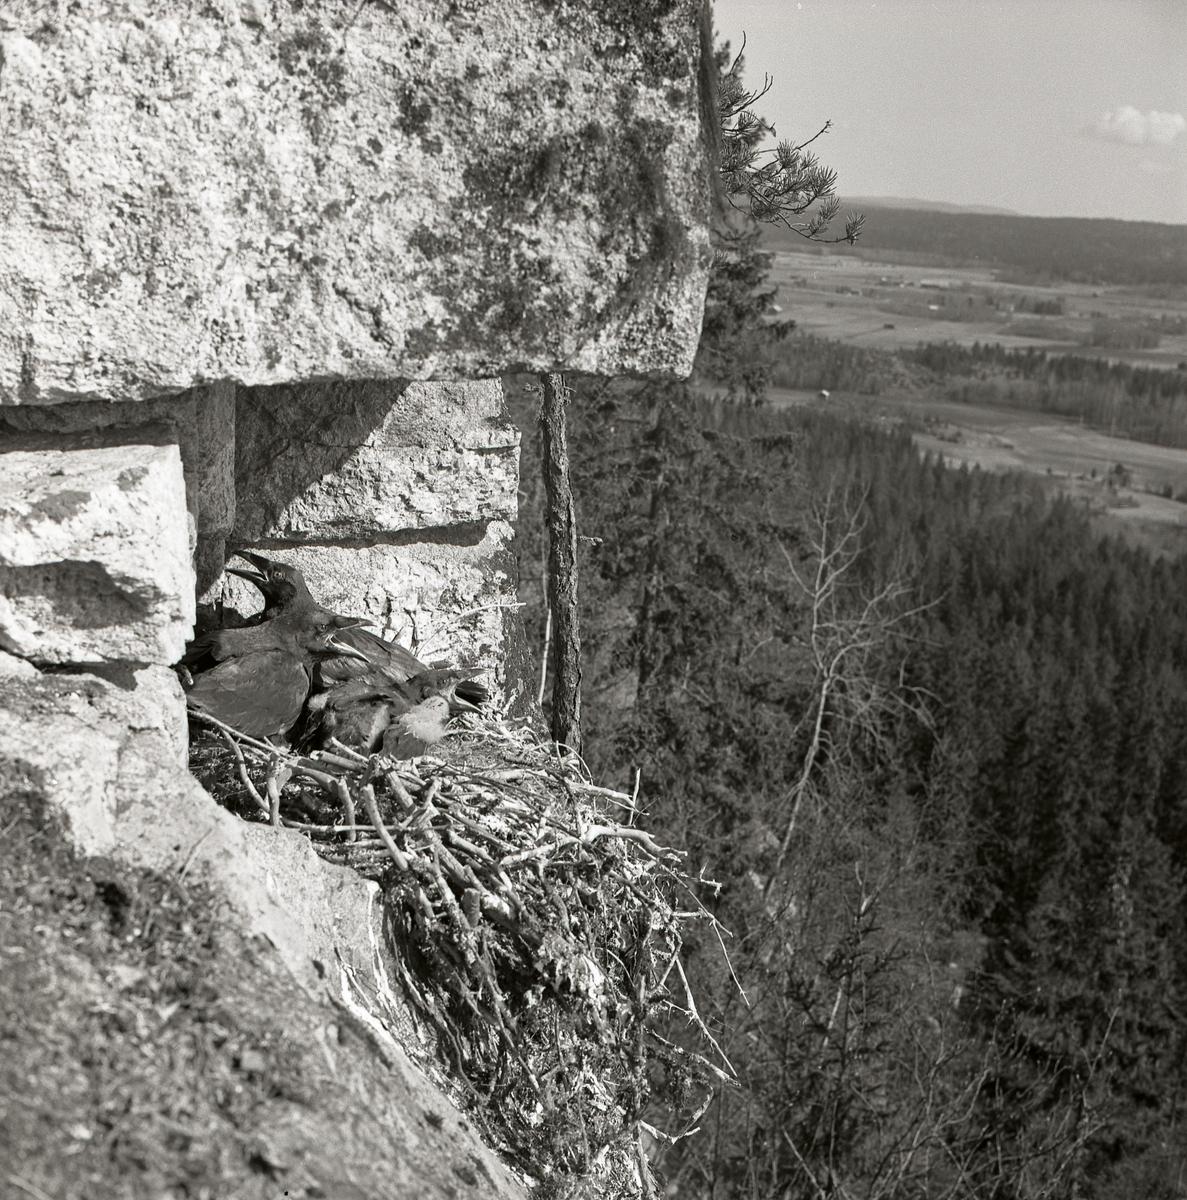 Korp sitter i fågelbo med ungar.  Det ligger på en klippa med vy över landskap med skog, maj 1962.